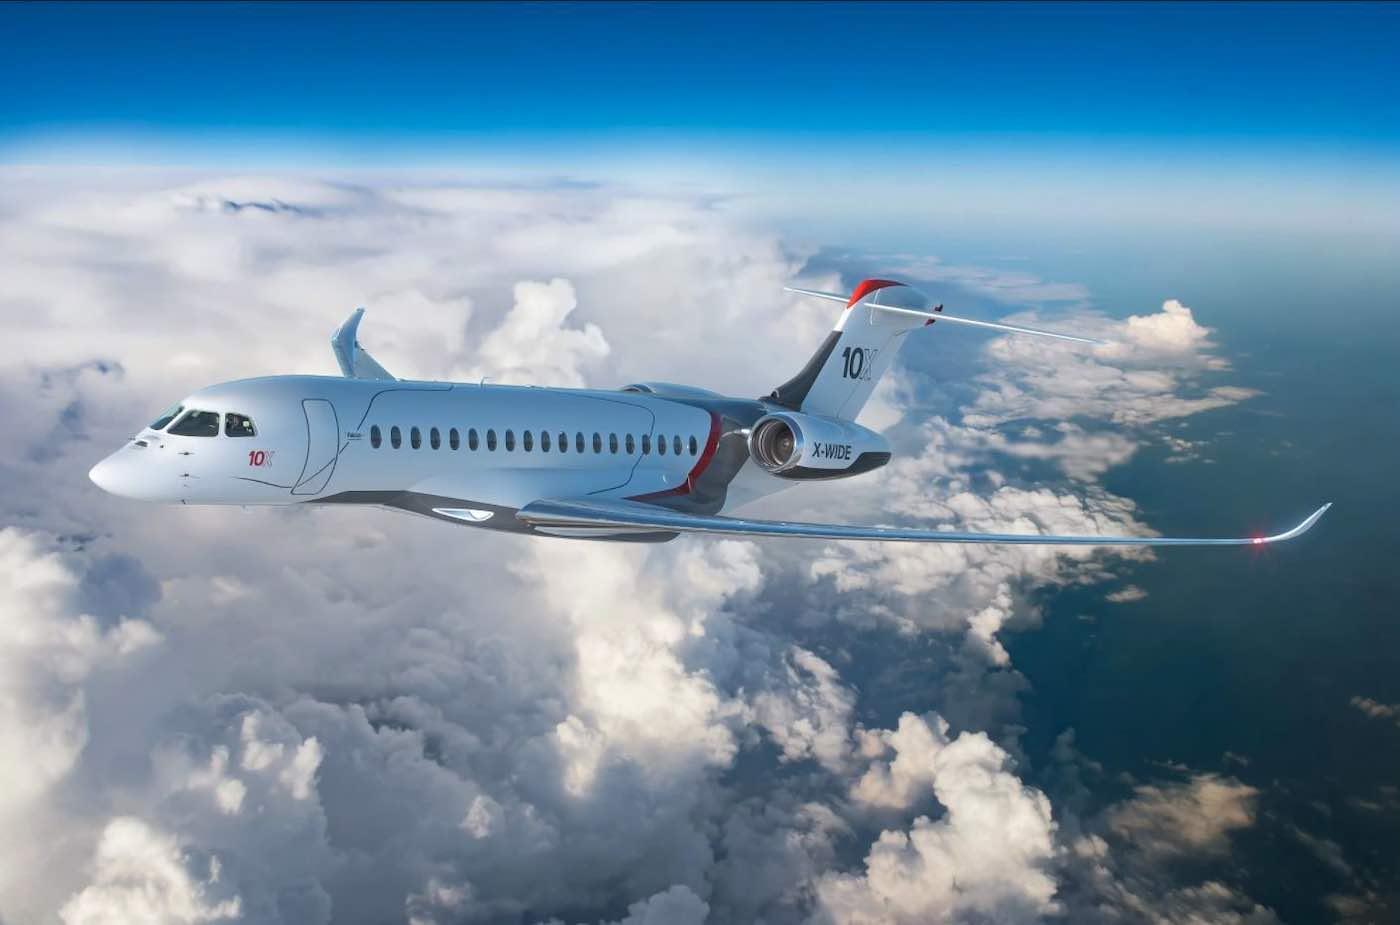 ¡Para volar a lo grande! El nuevo jet de negocios Falcon 10X está aquí con la cabina más grande de su clase